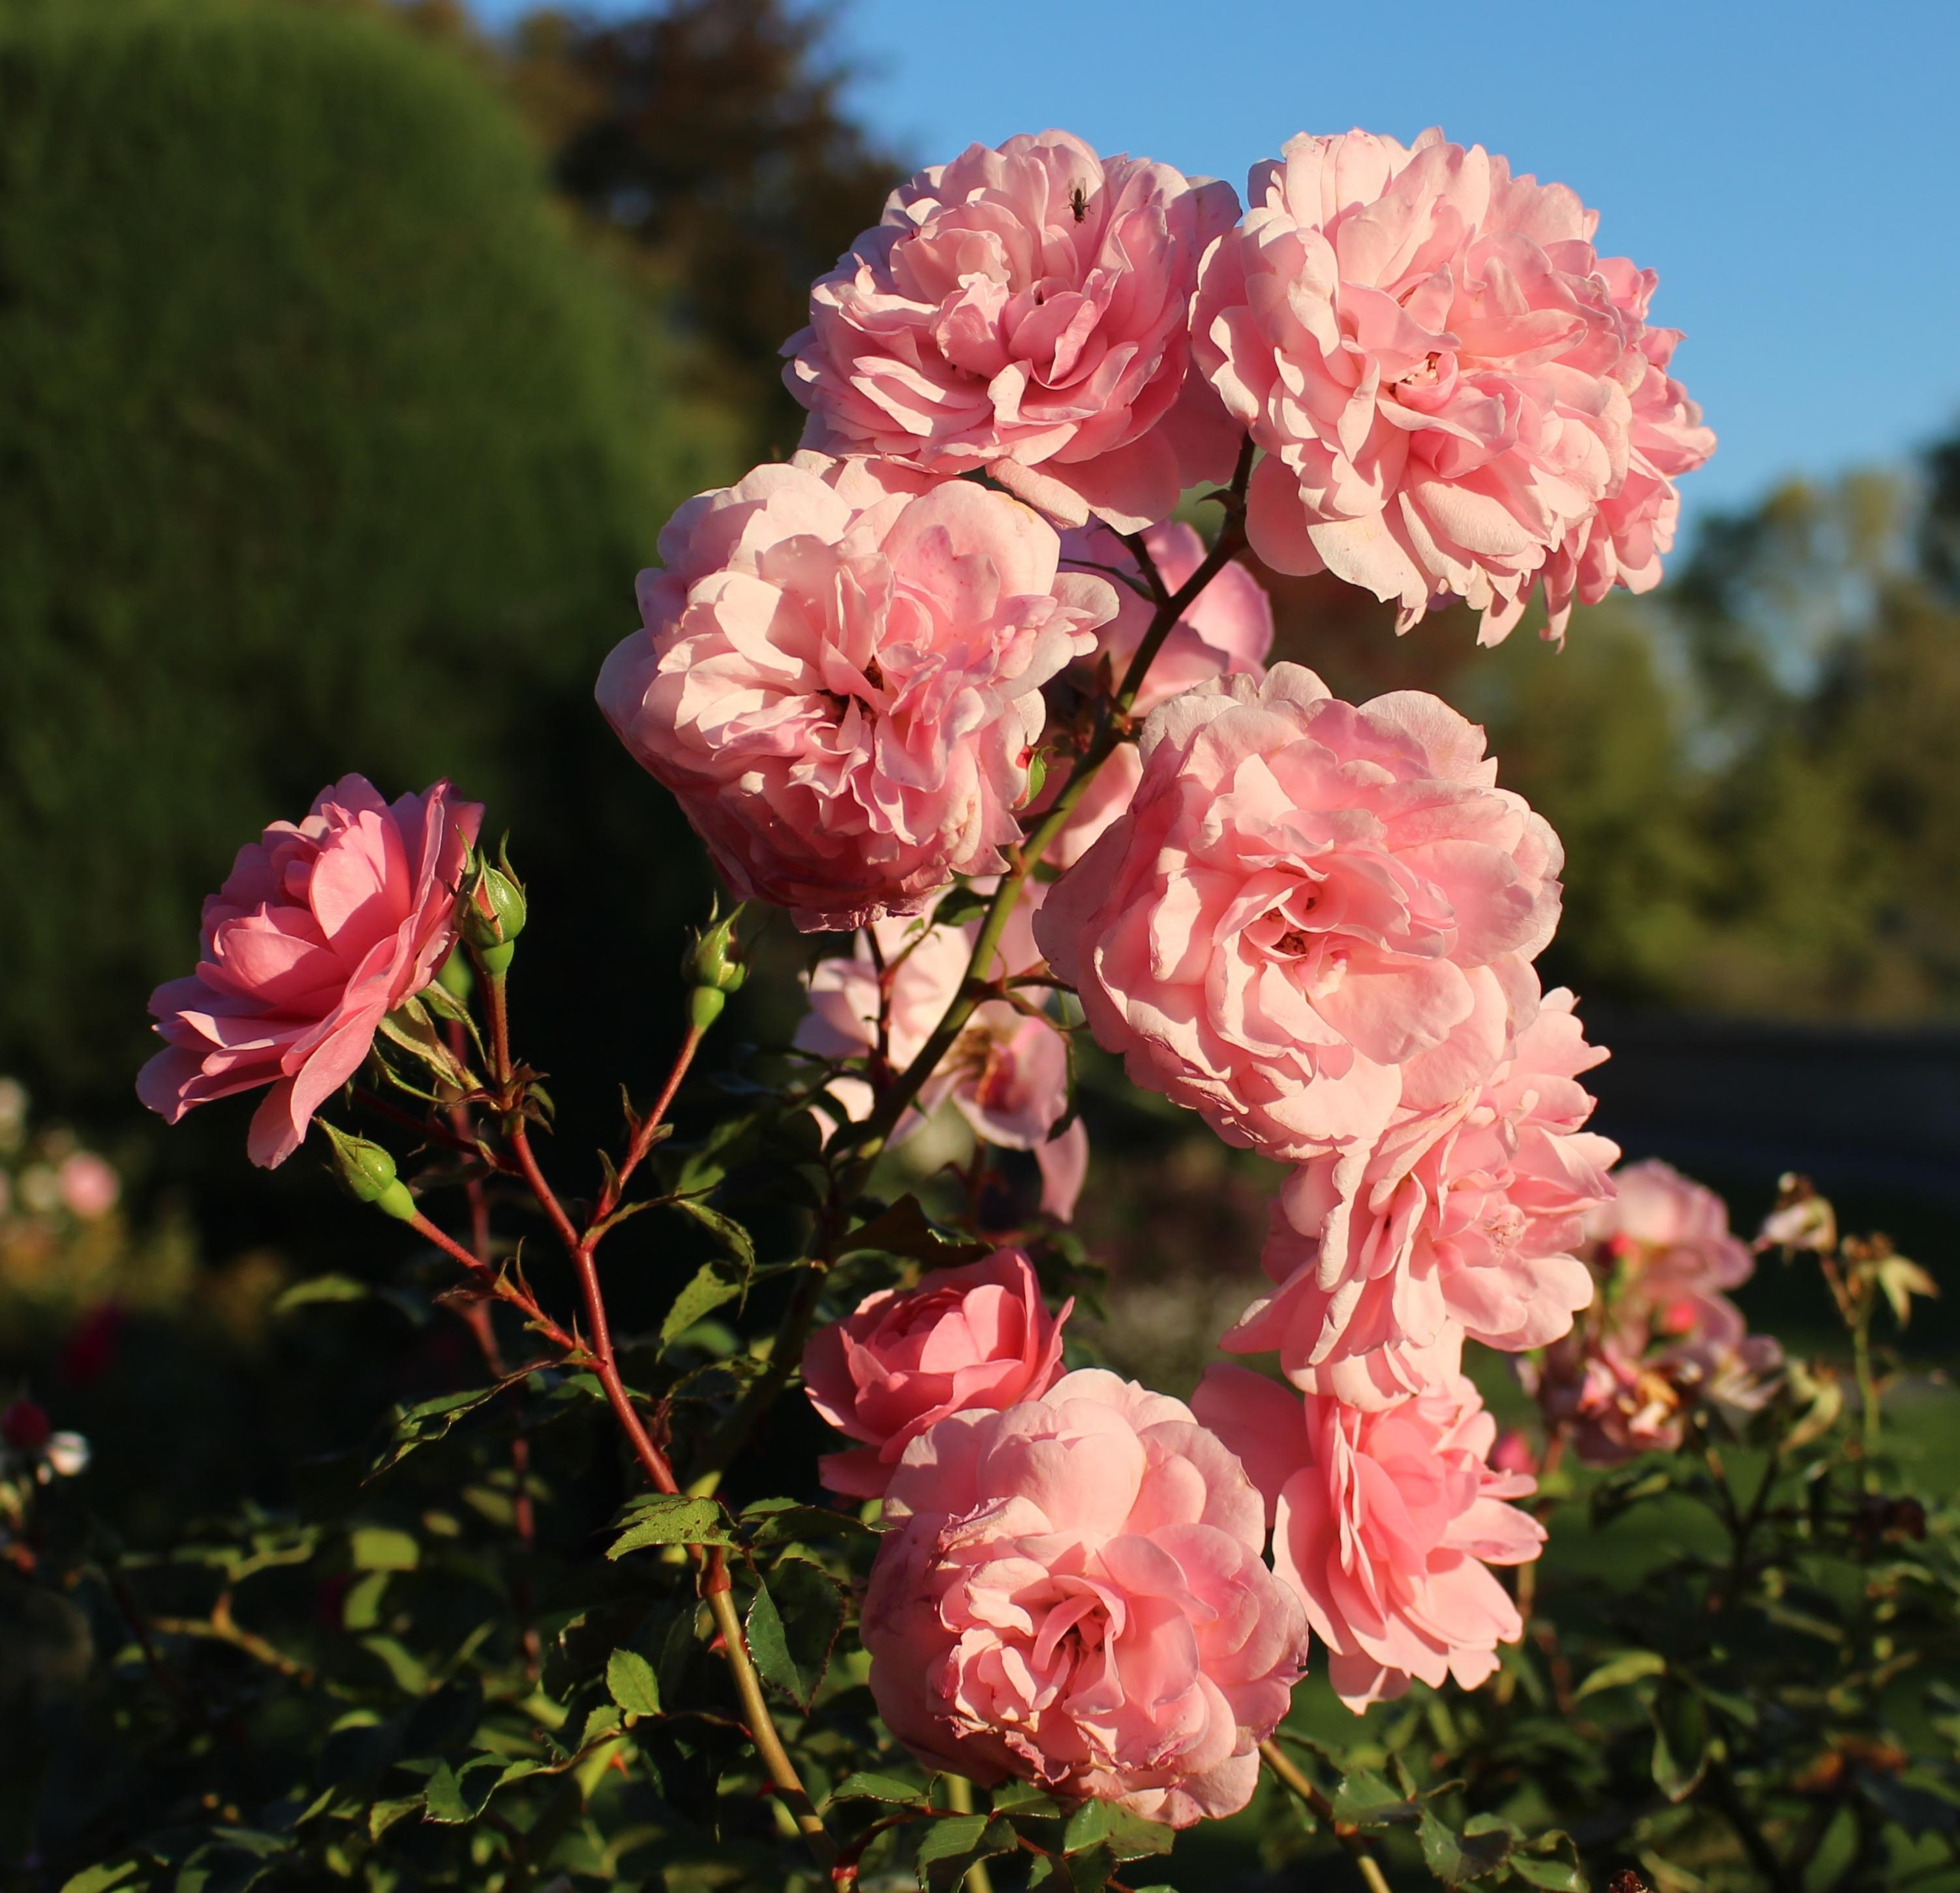 Garden Roses Flower Petal: Free Images : Blossom, Flower, Petal, Botany, Pink, Close